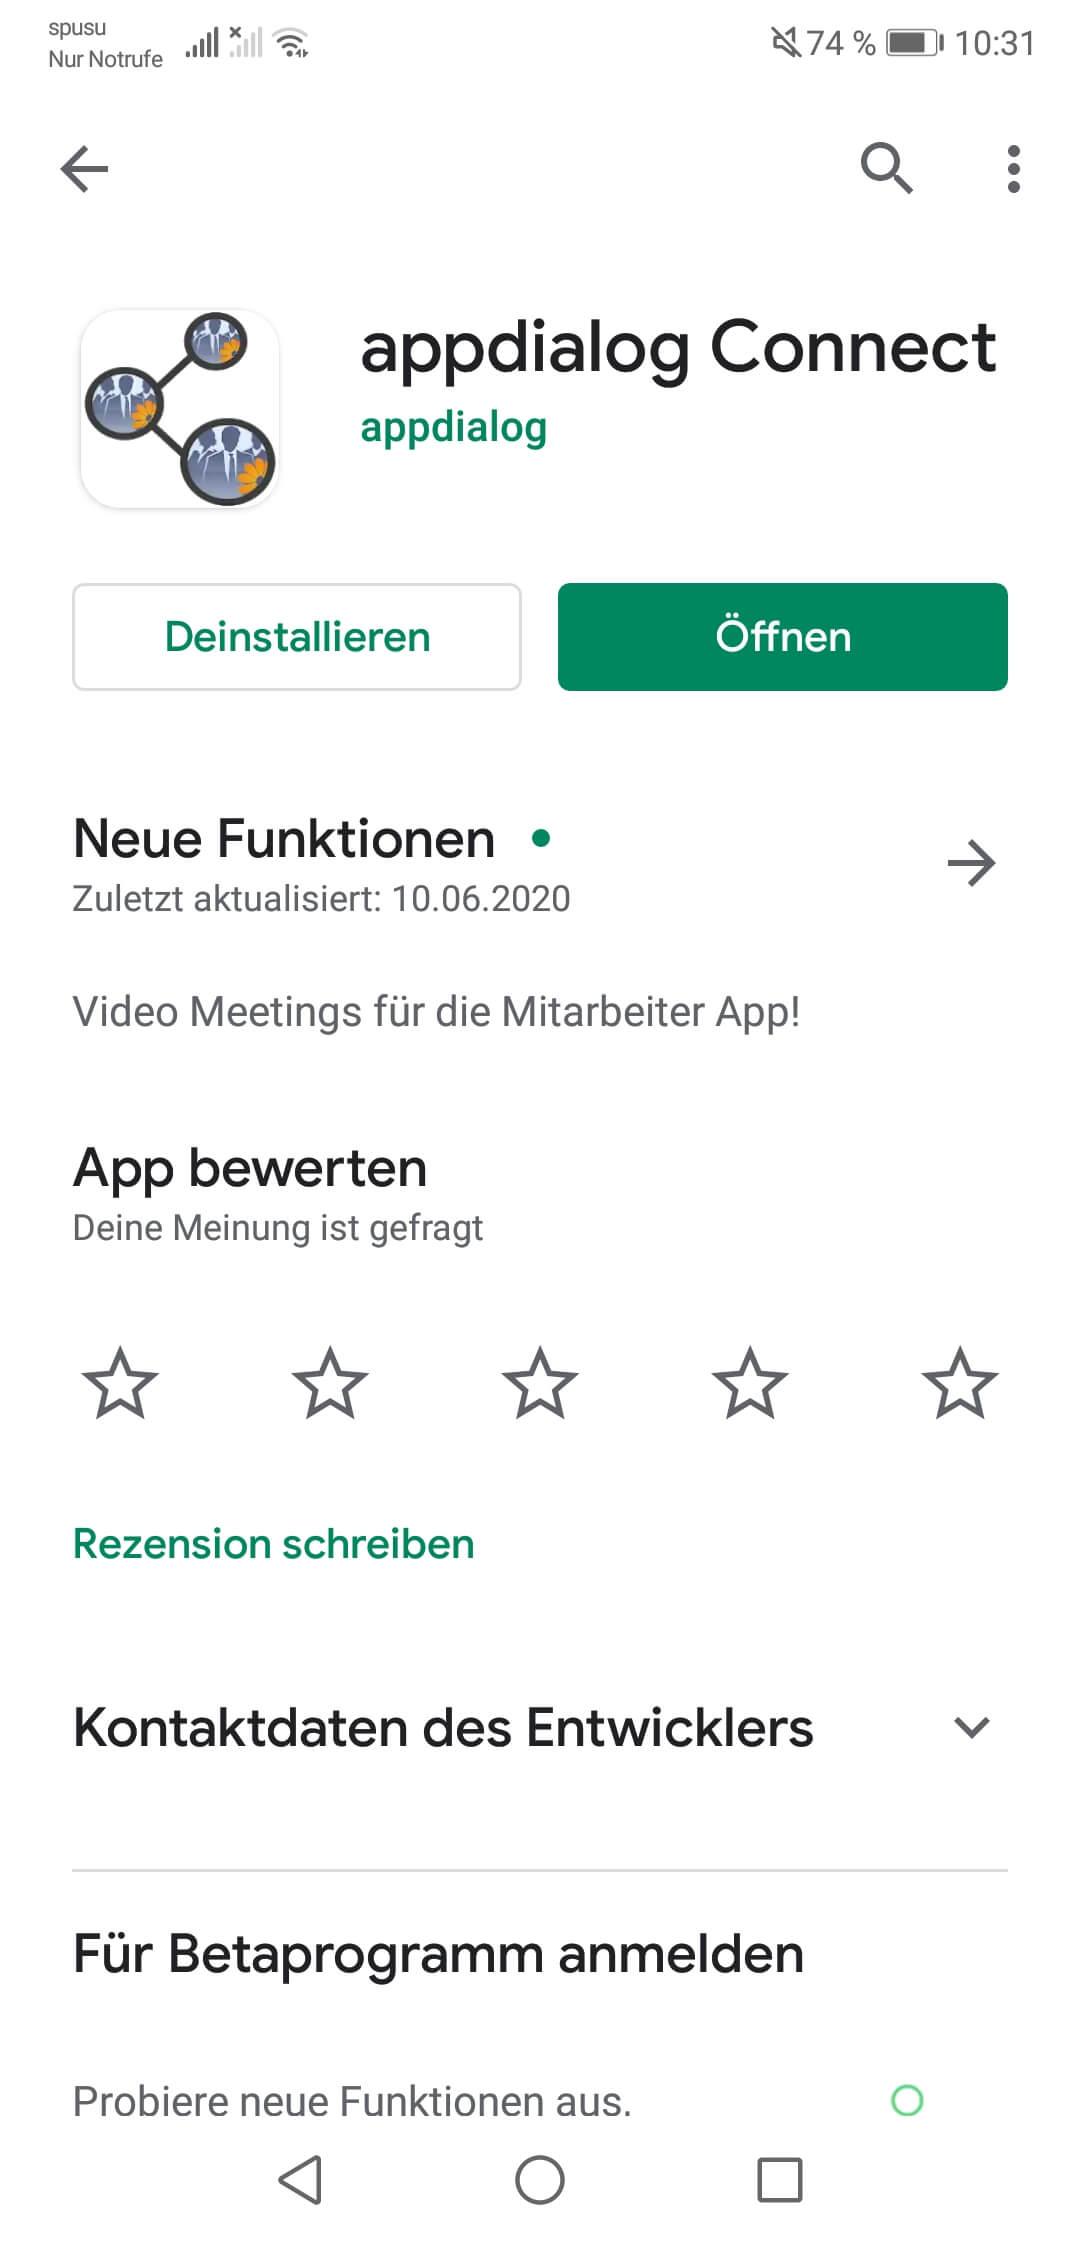 Appdialog Connect App einfach und kostenlos aus dem Google Play Store herunterladen